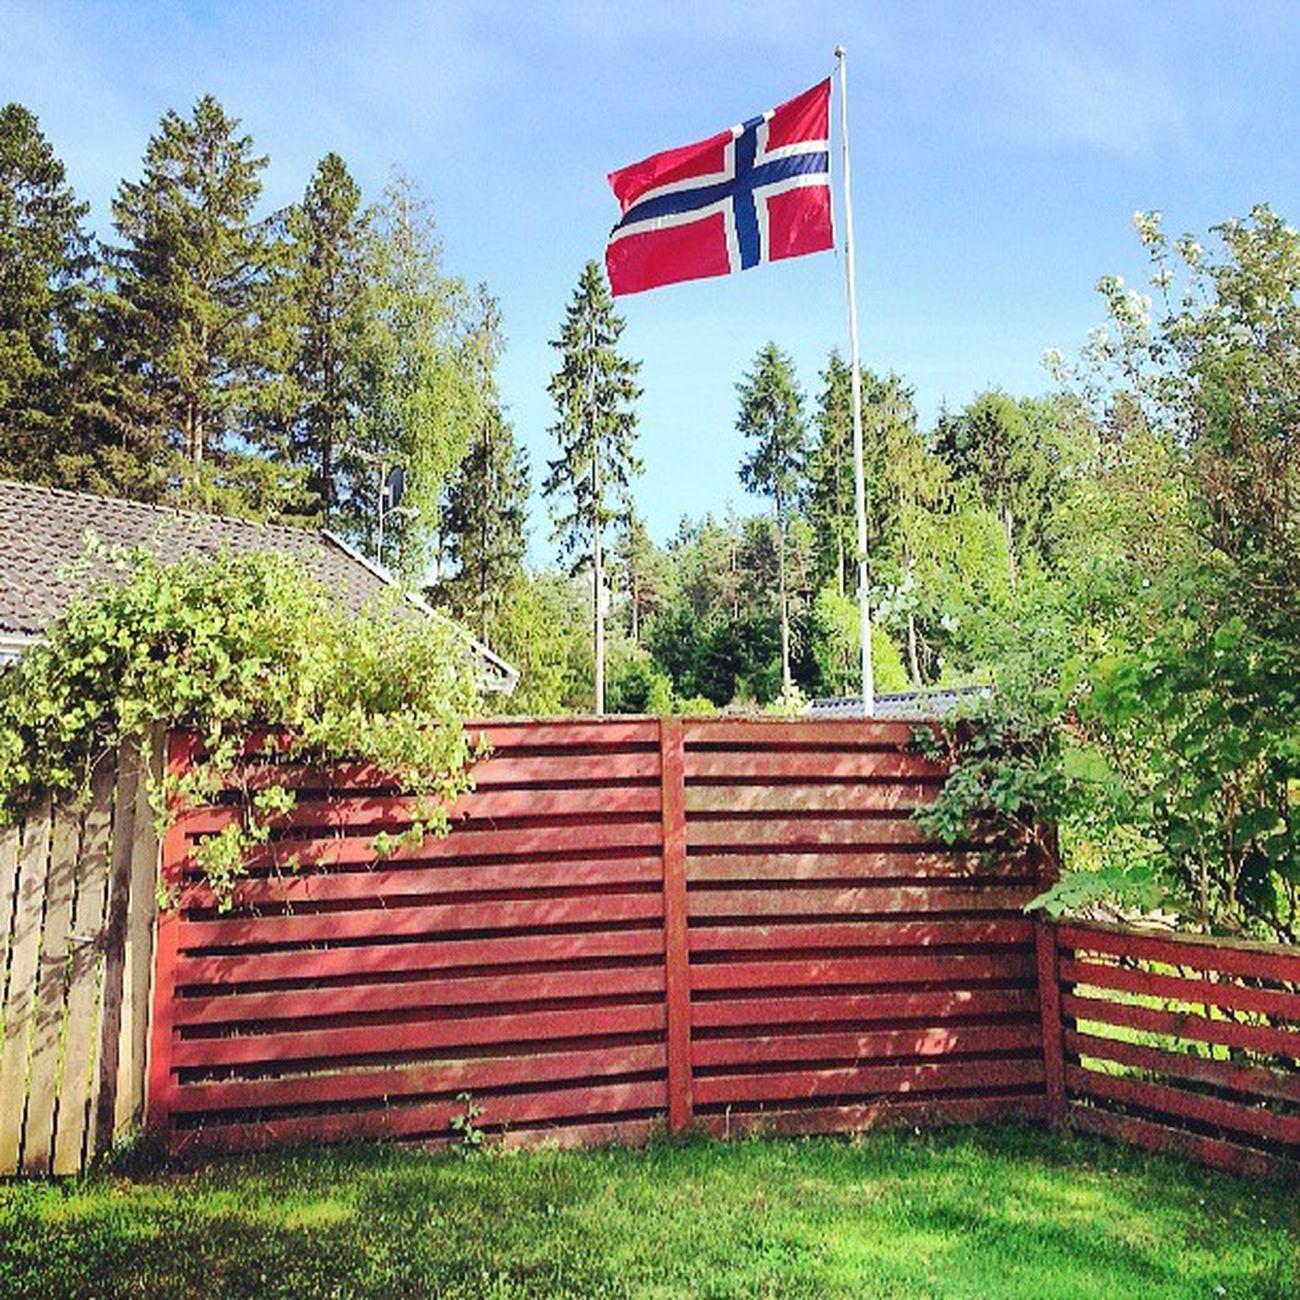 Ya en Gran Canaria. En los próximos días comenzará mi oleada de fotos de mis vacaciones por Noruega, espero que les gusten. Aquí tienen, cómo no, la bandera de dicho país. Noruega Norway Norge Flag Bandera NorwegianFlag Country Forest Bosque Verano Summer Igers IgersOfTheDay IgersNorway Instagramers SunnyDay Trees Árboles BestOfTheDay